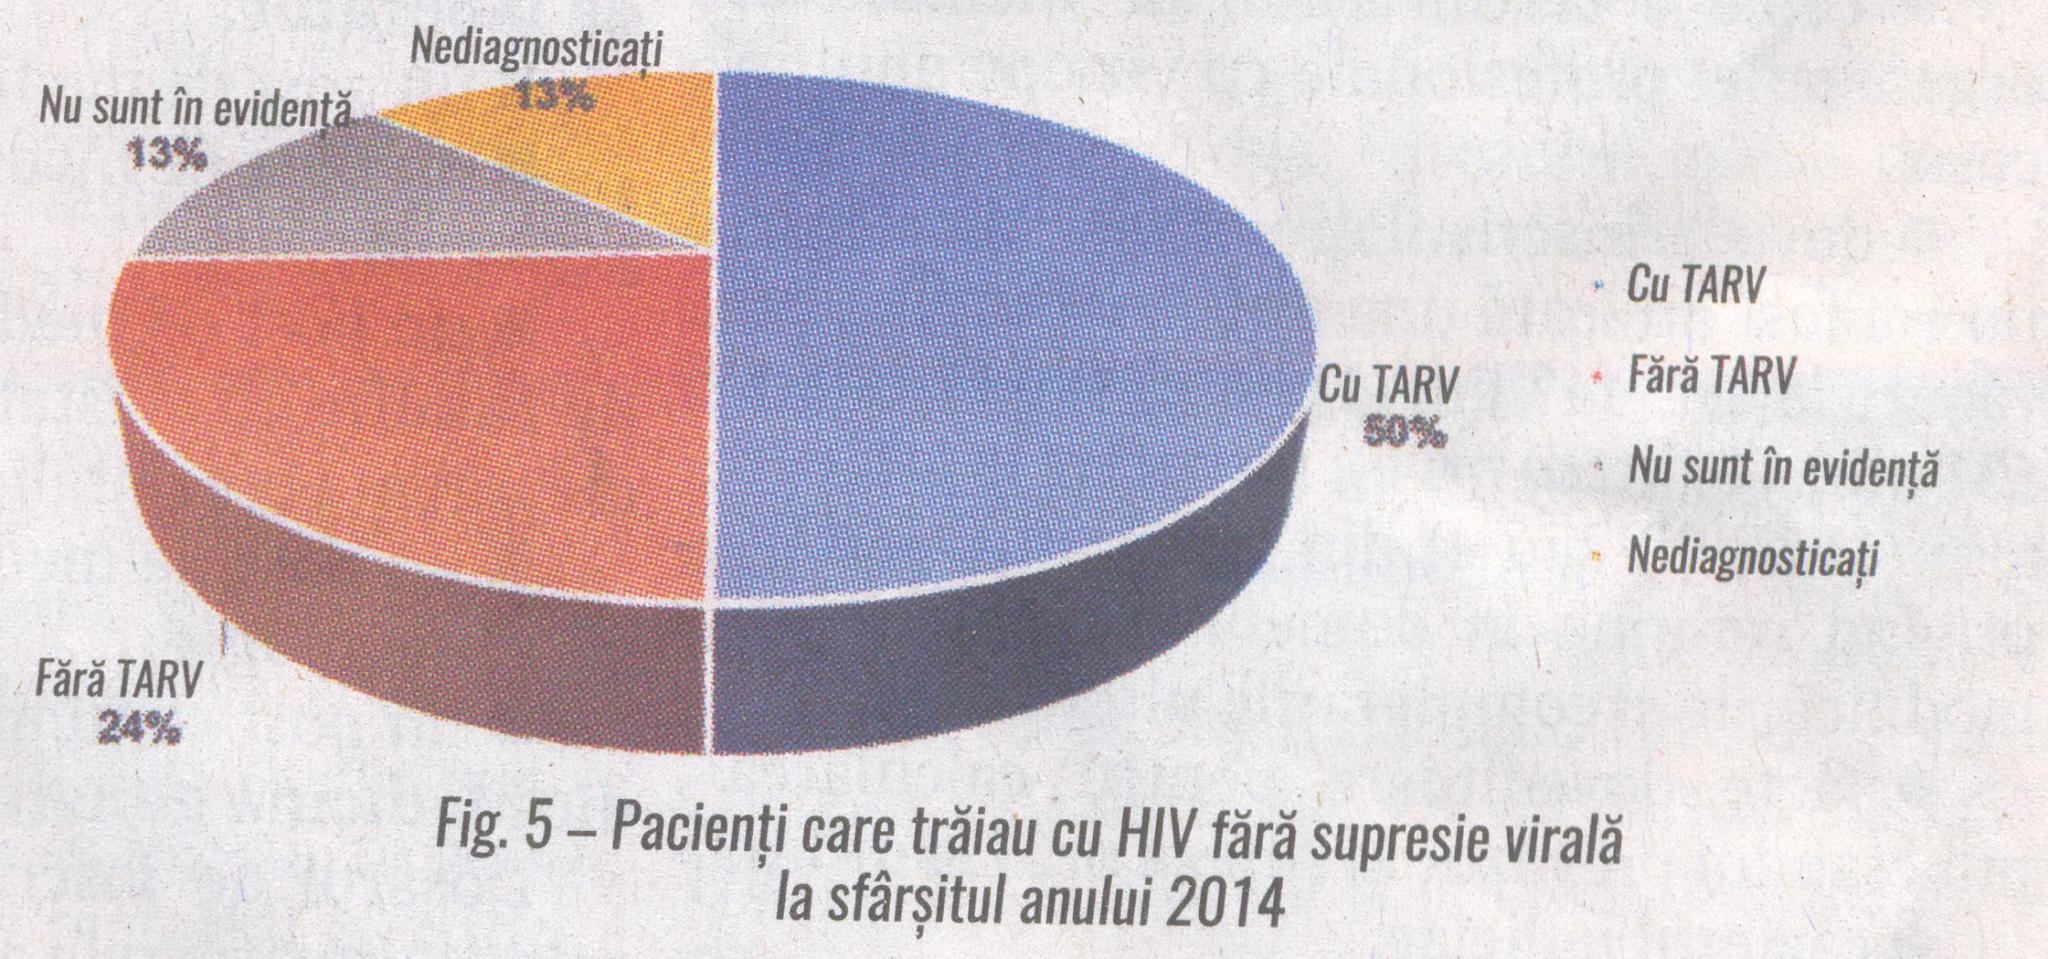 Fig. 5 Pacienti care traiau cu HIV fara supresie virala la sfarsitul anului 2014